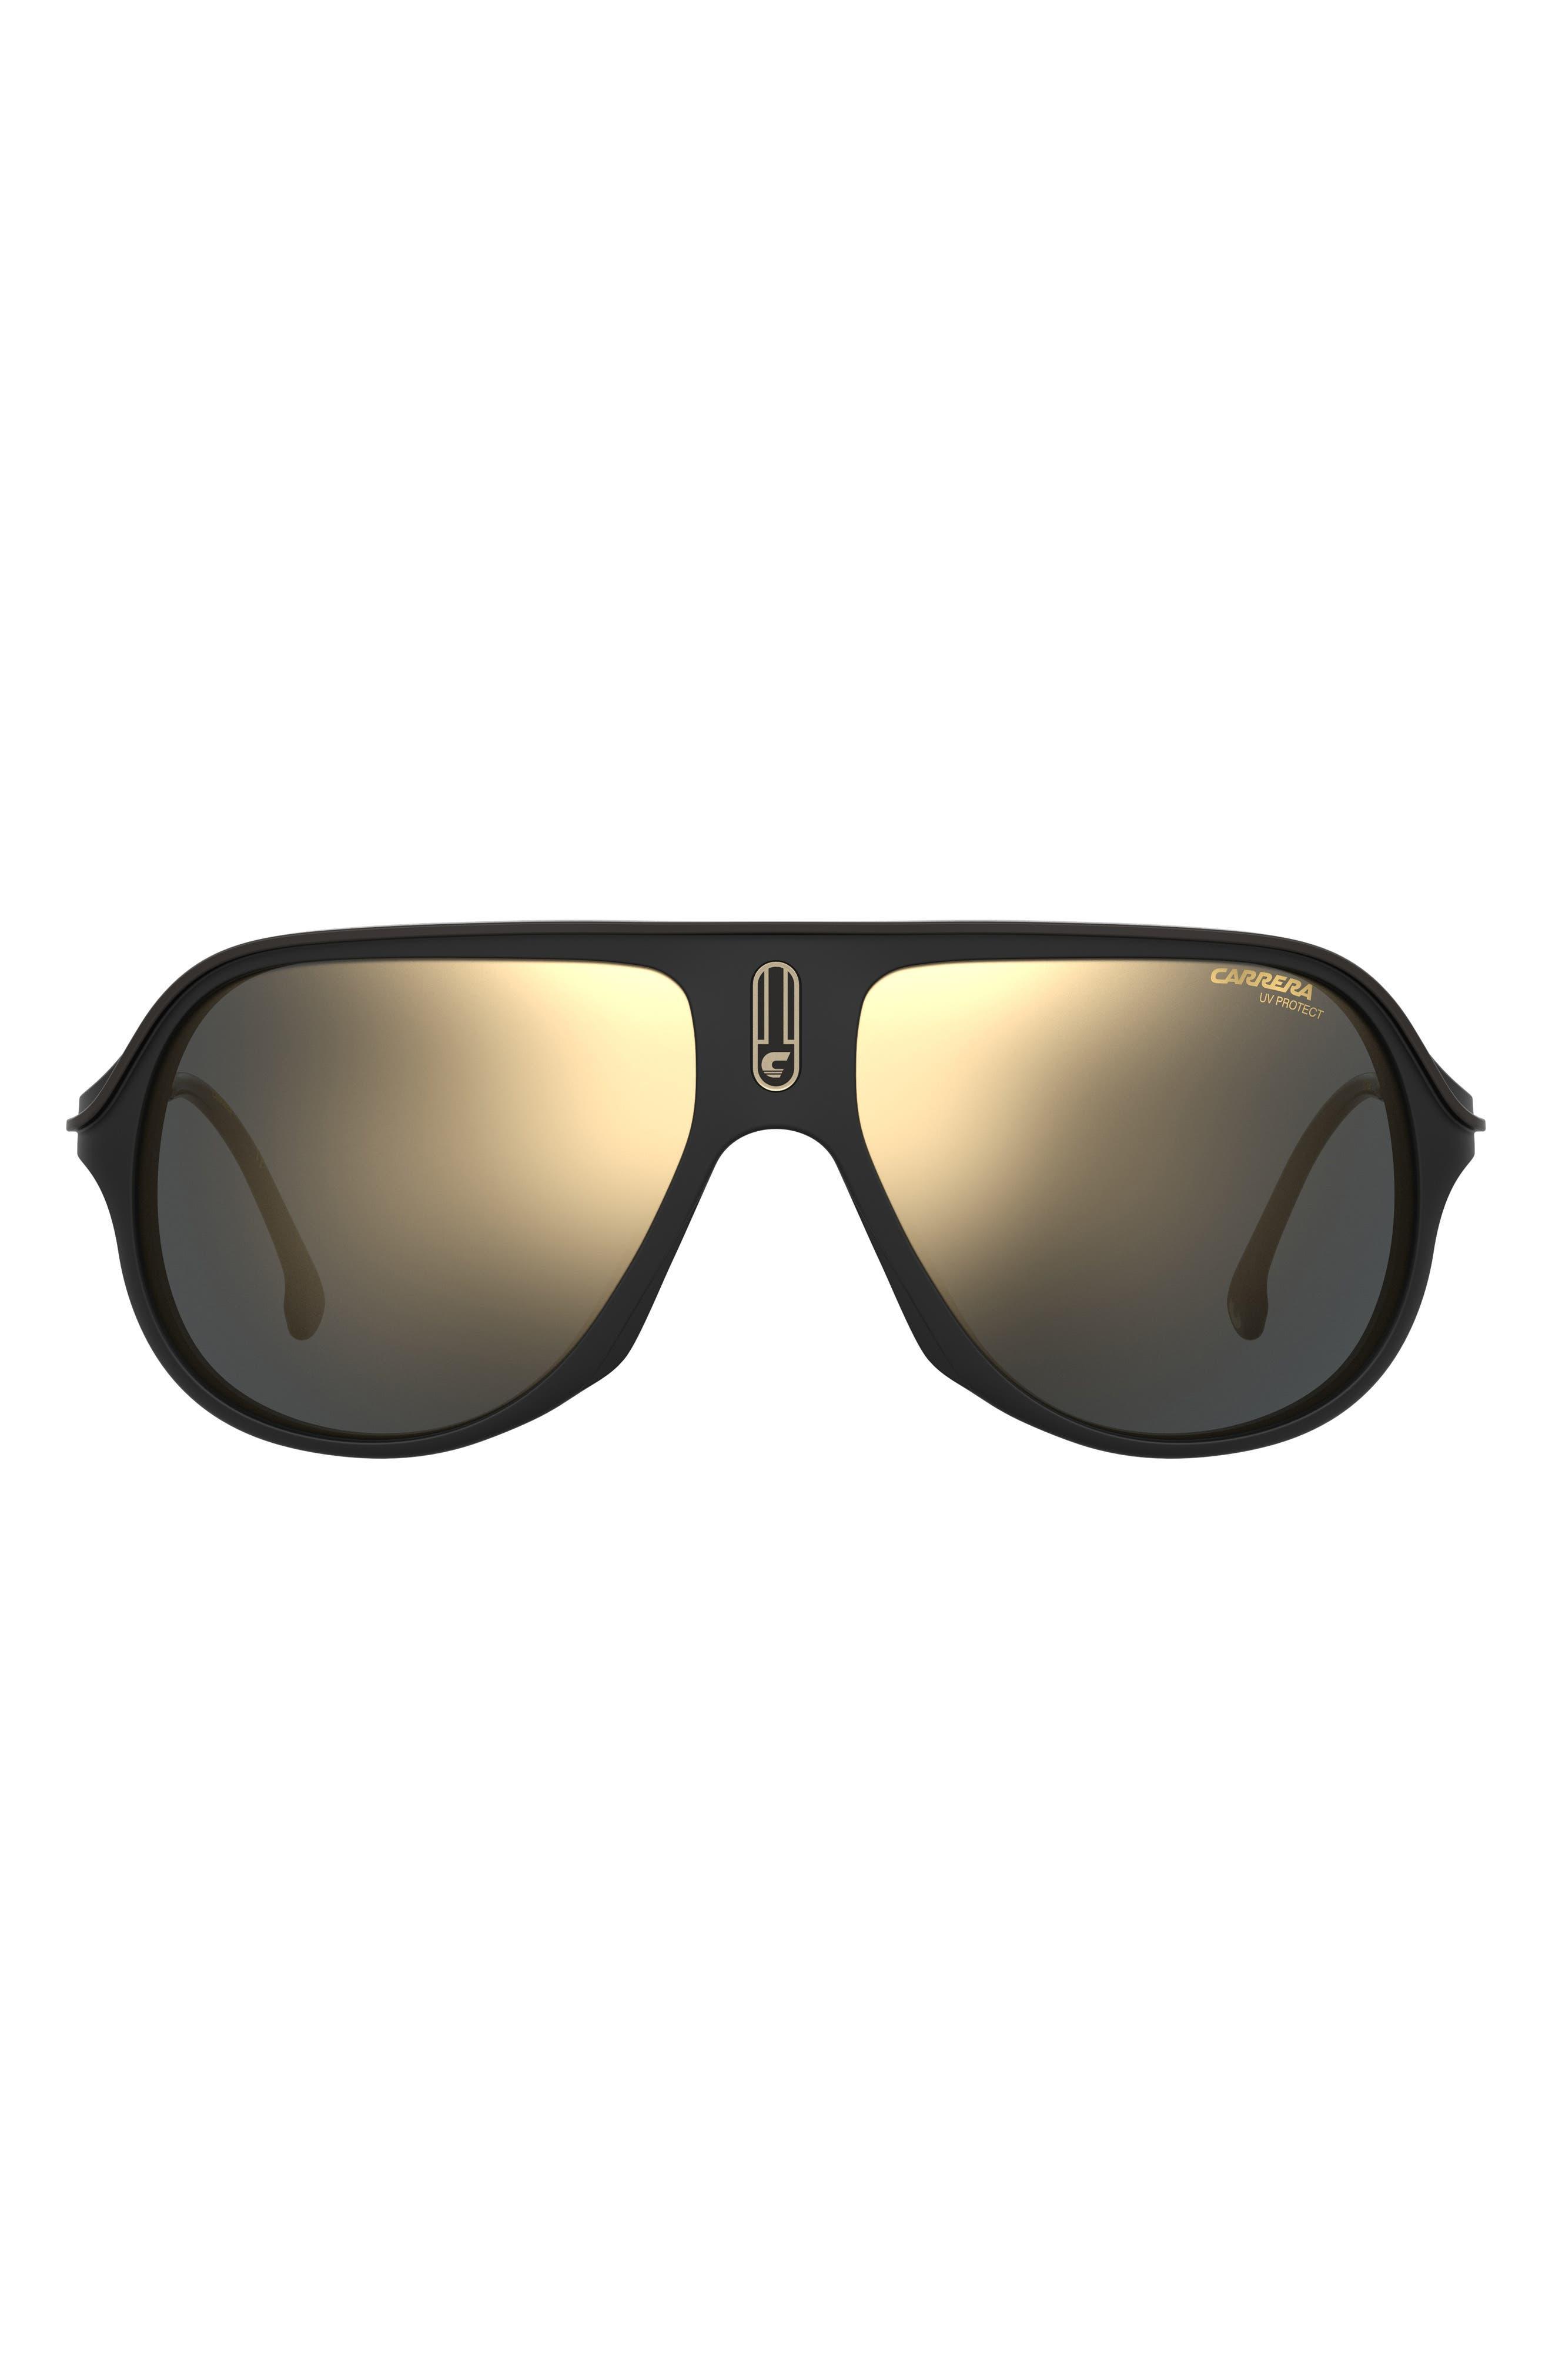 Safari65 62mm Gradient Oversize Sunglasses